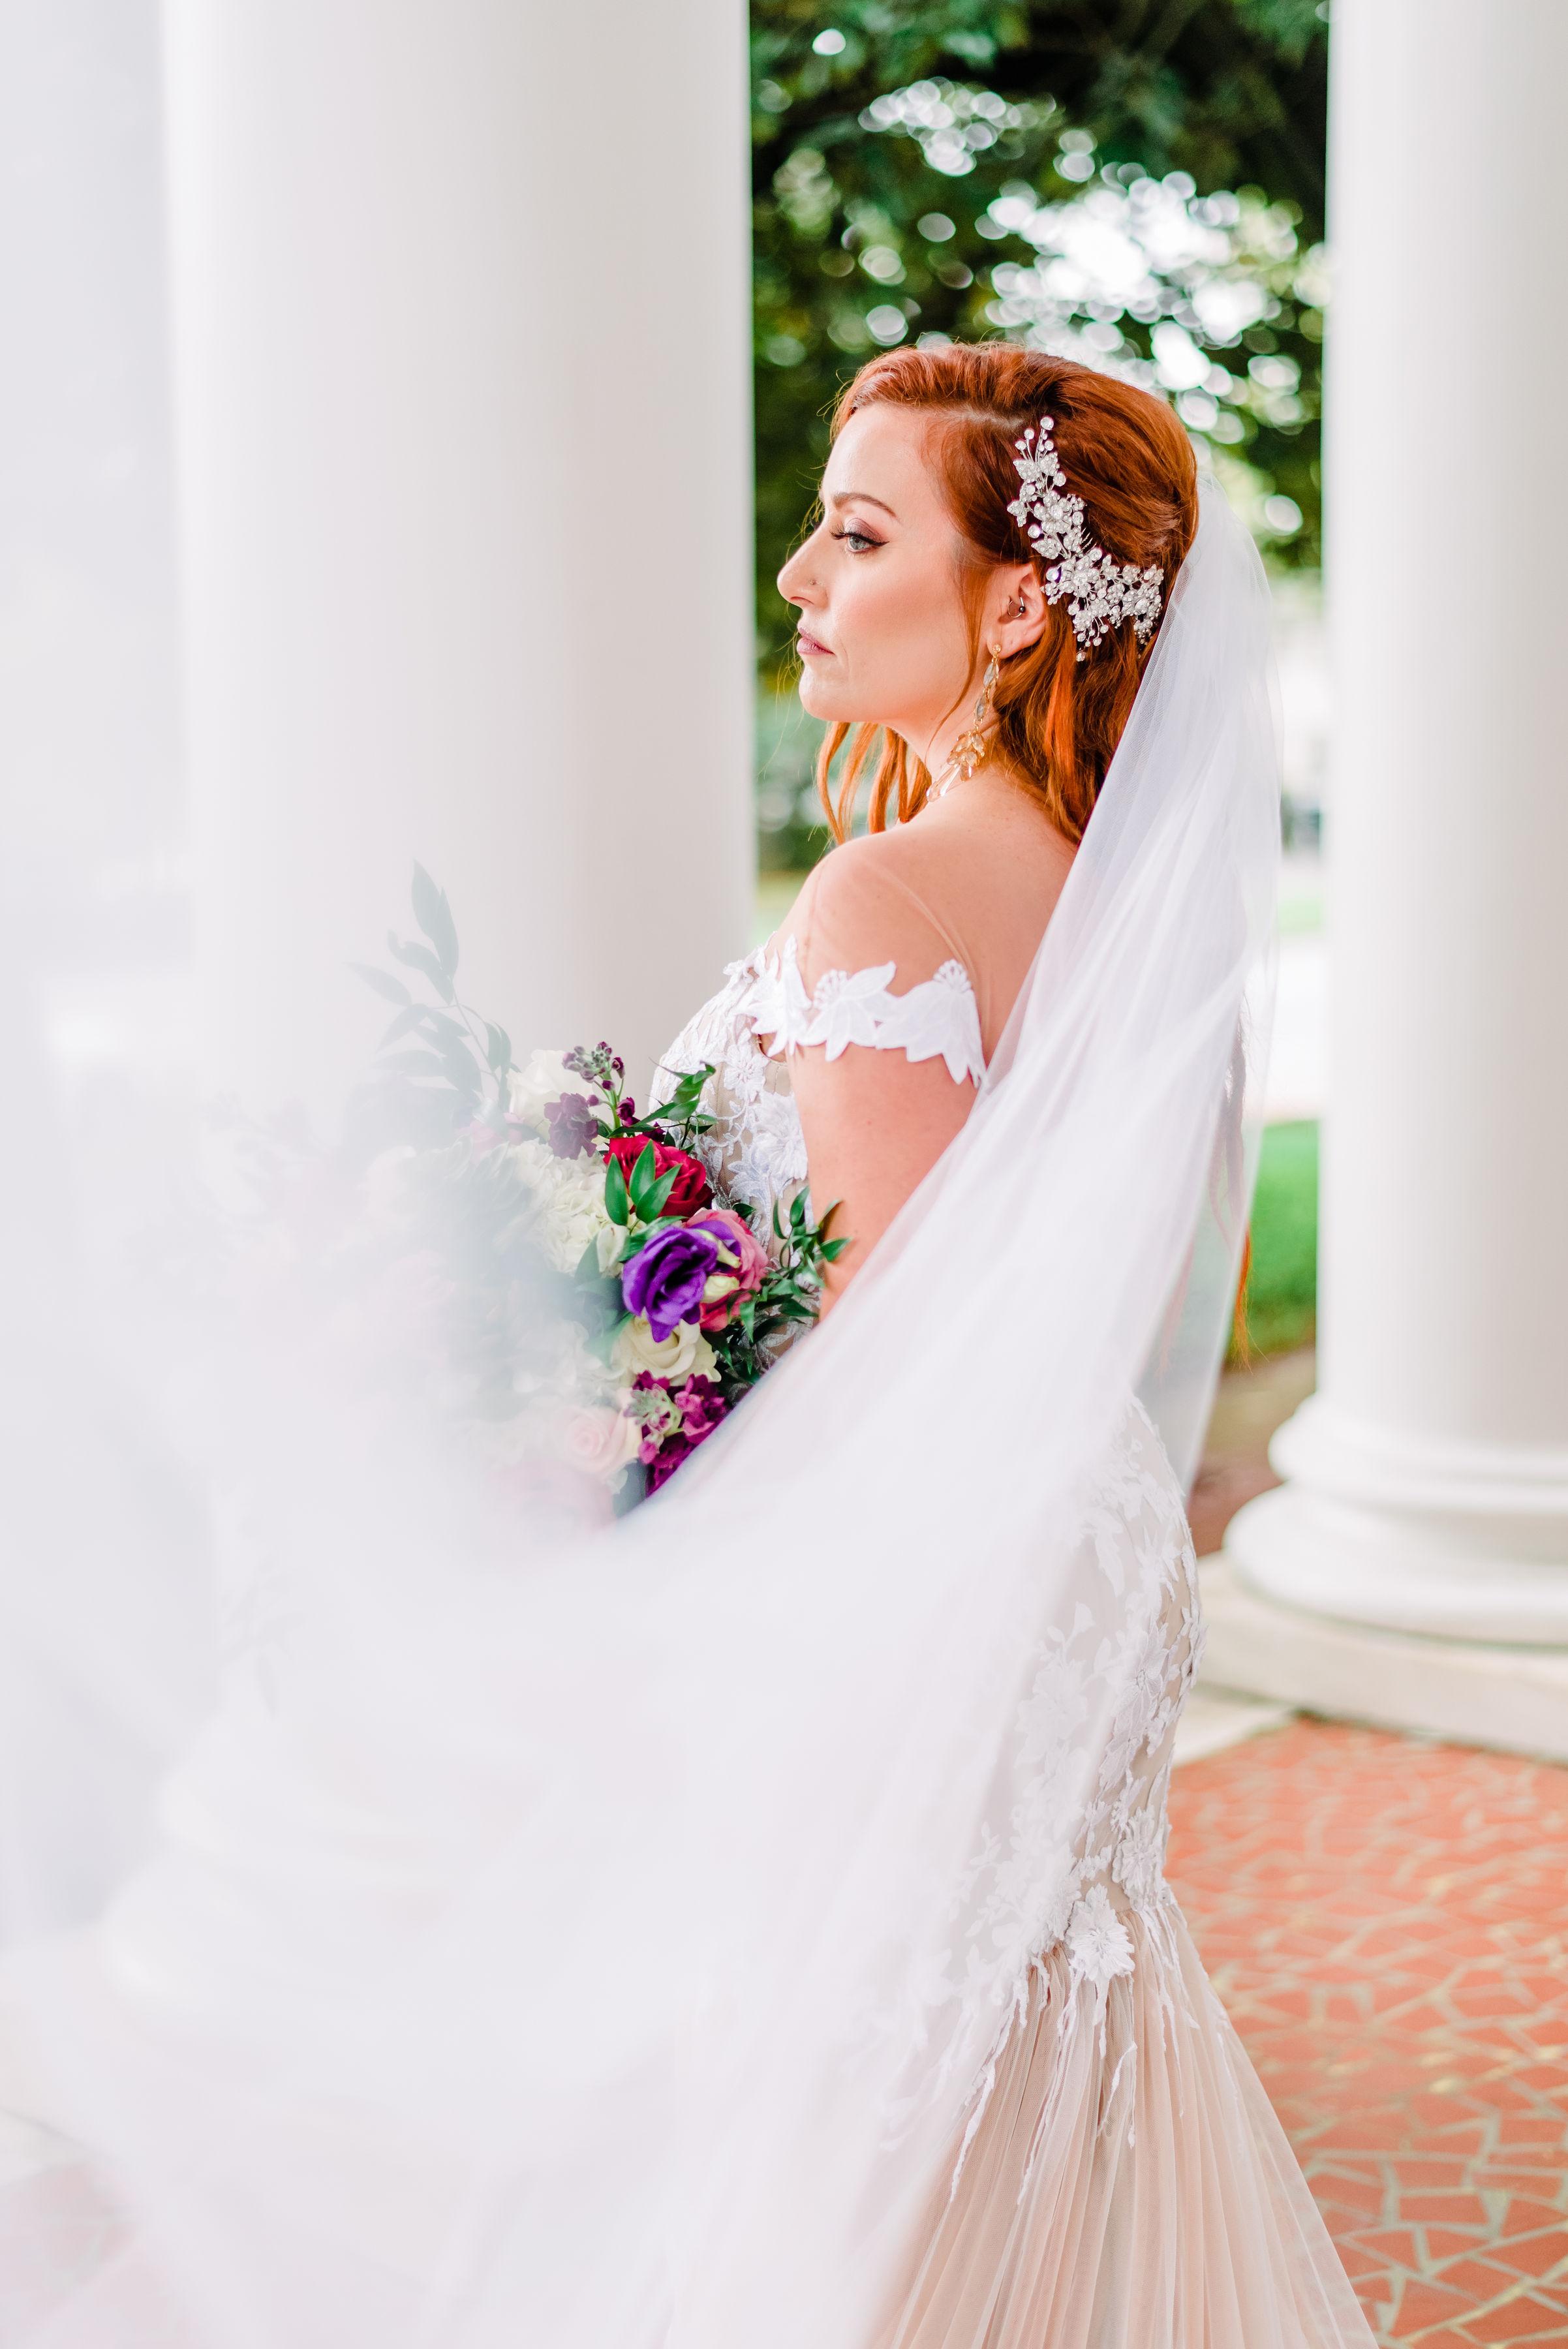 AshleyF_bridals-41.jpg